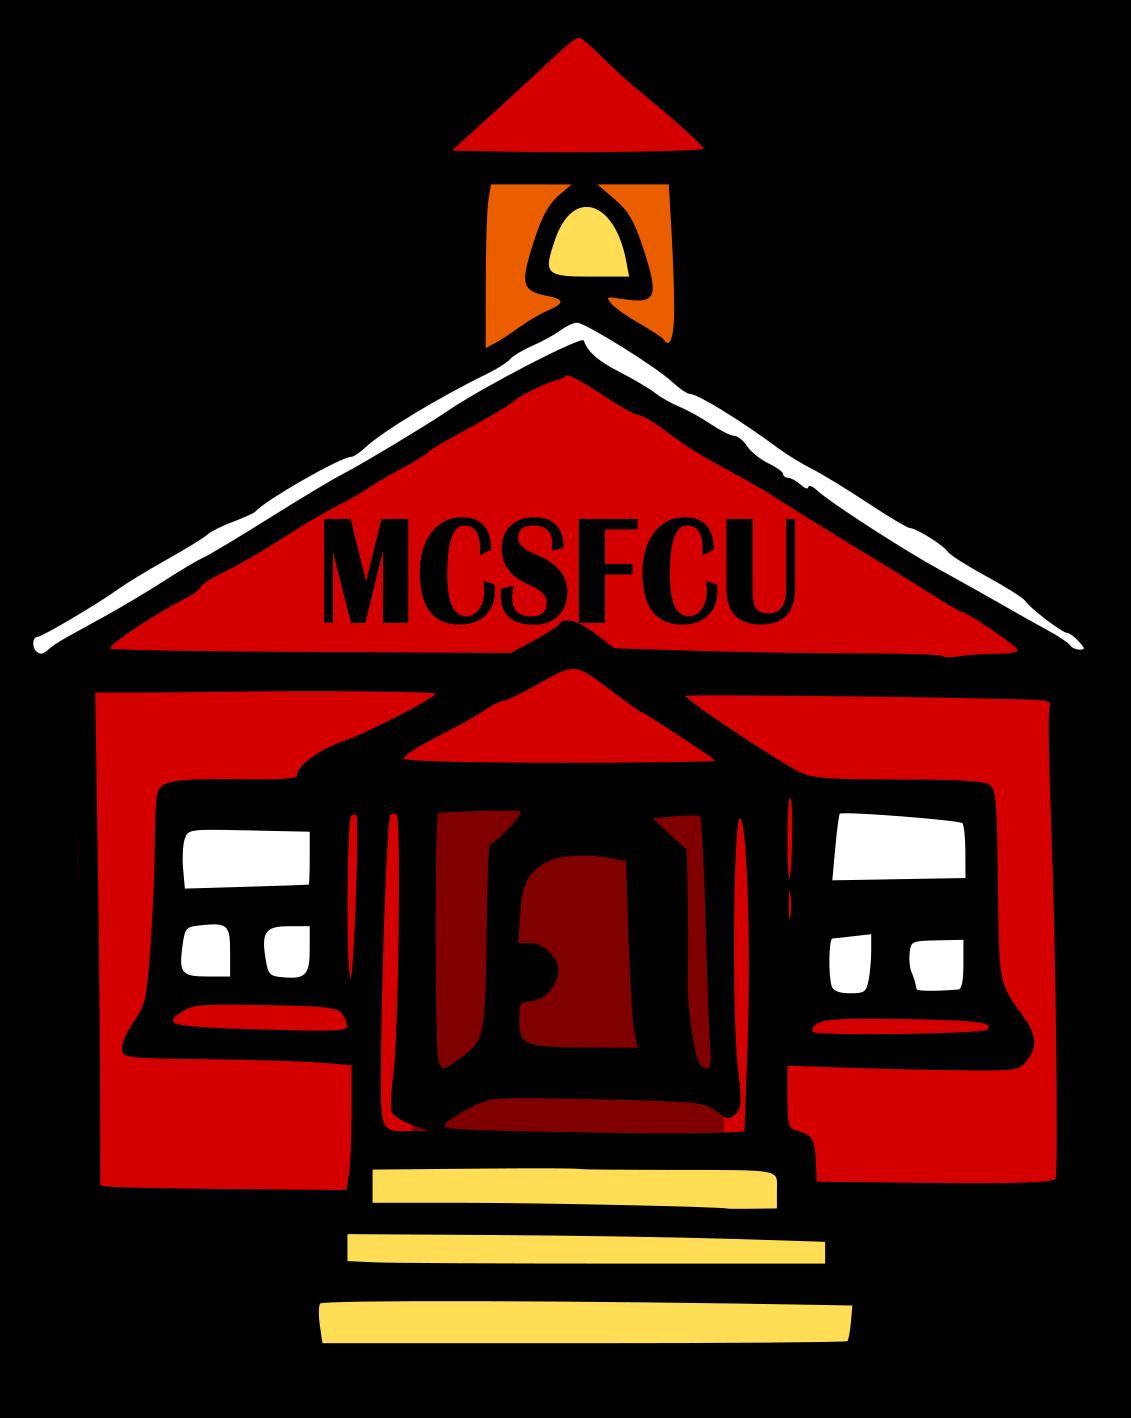 MCSFCU.png